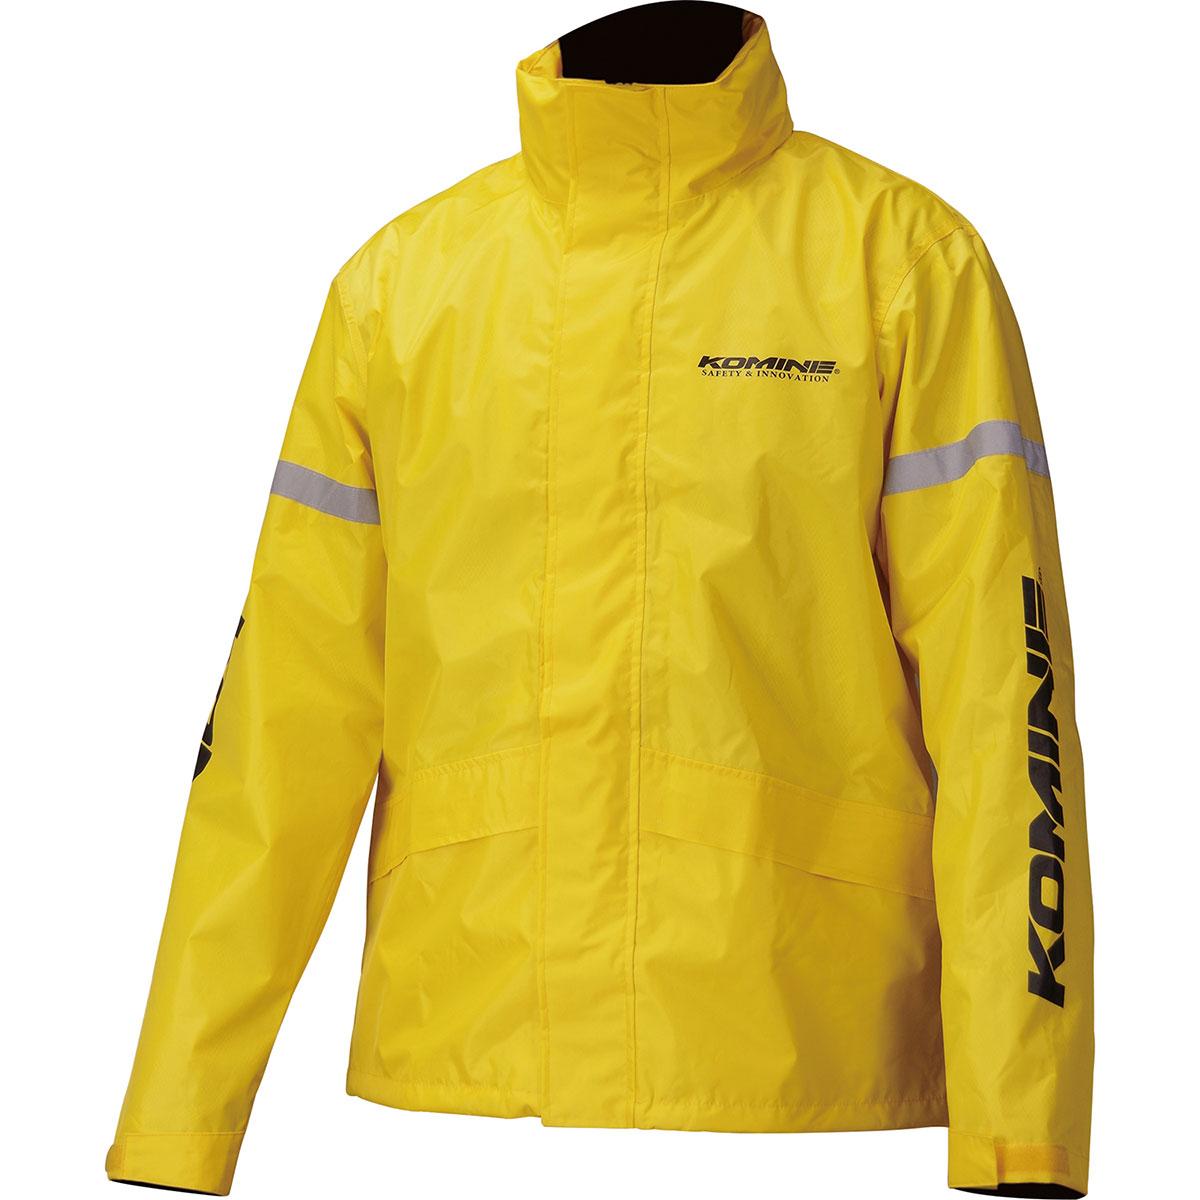 18%OFF コミネ Komine バイク用 祝開店大放出セール開催中 レインギア Rain gear RK-543 STDレインウェア XLサイズ 03-543 黄 イエロー YL XL